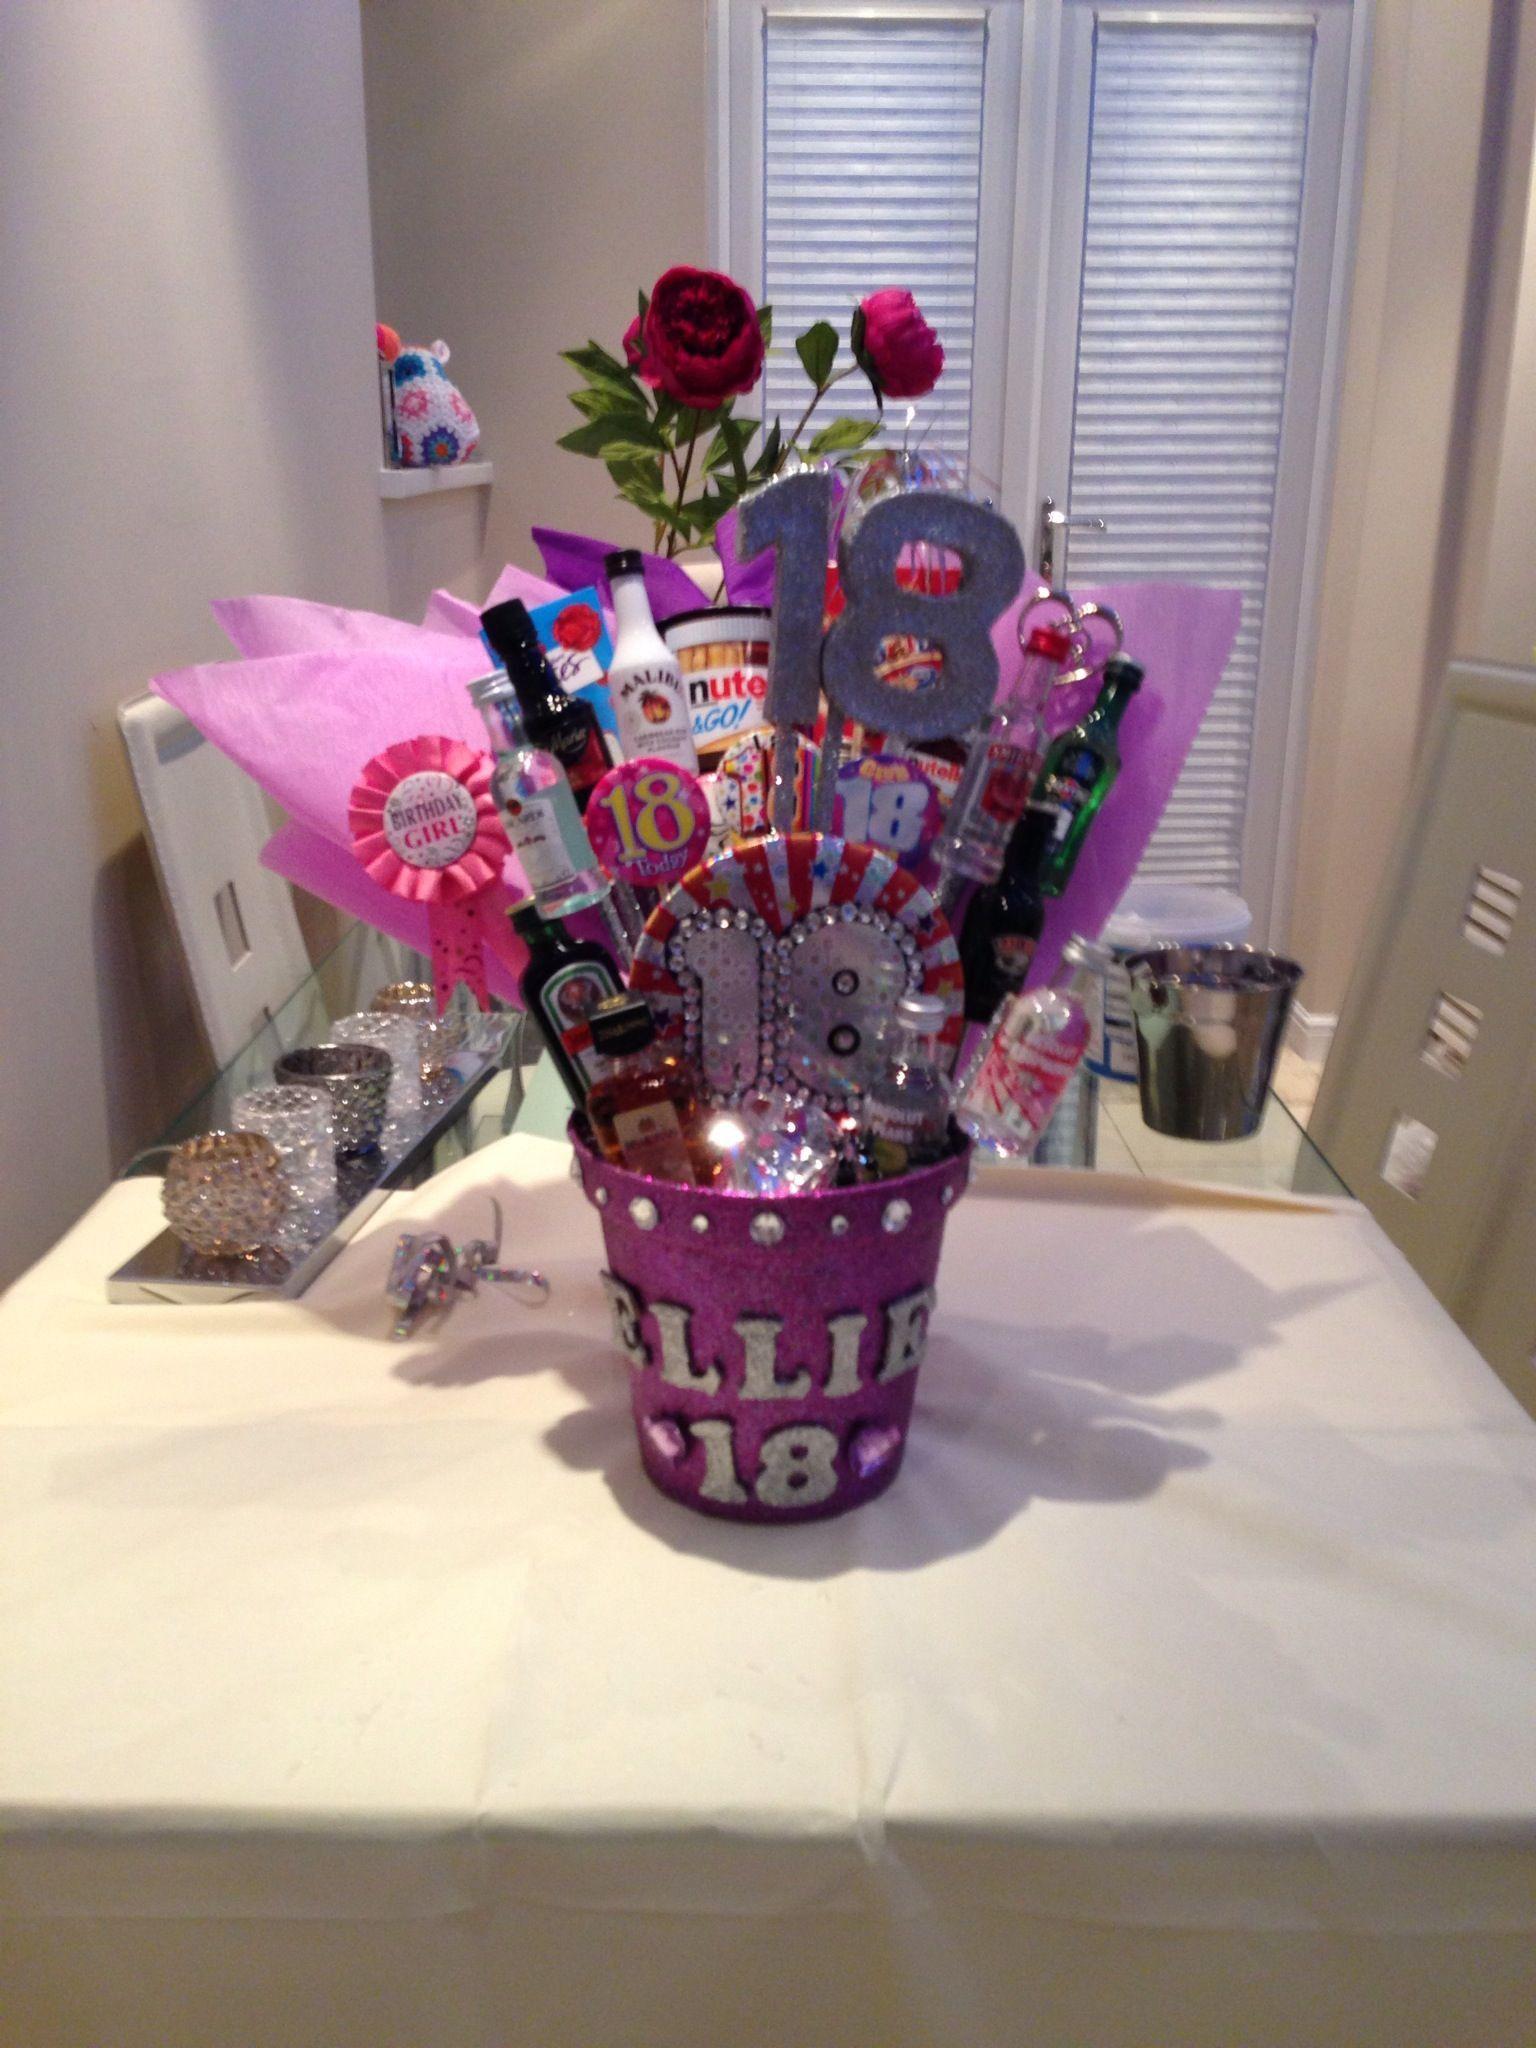 20 Best Ideas 18th Birthday Ideas For Girls 18th Birthday Gifts 18th Birthday Gifts For Girls 18th Birthday Present Ideas